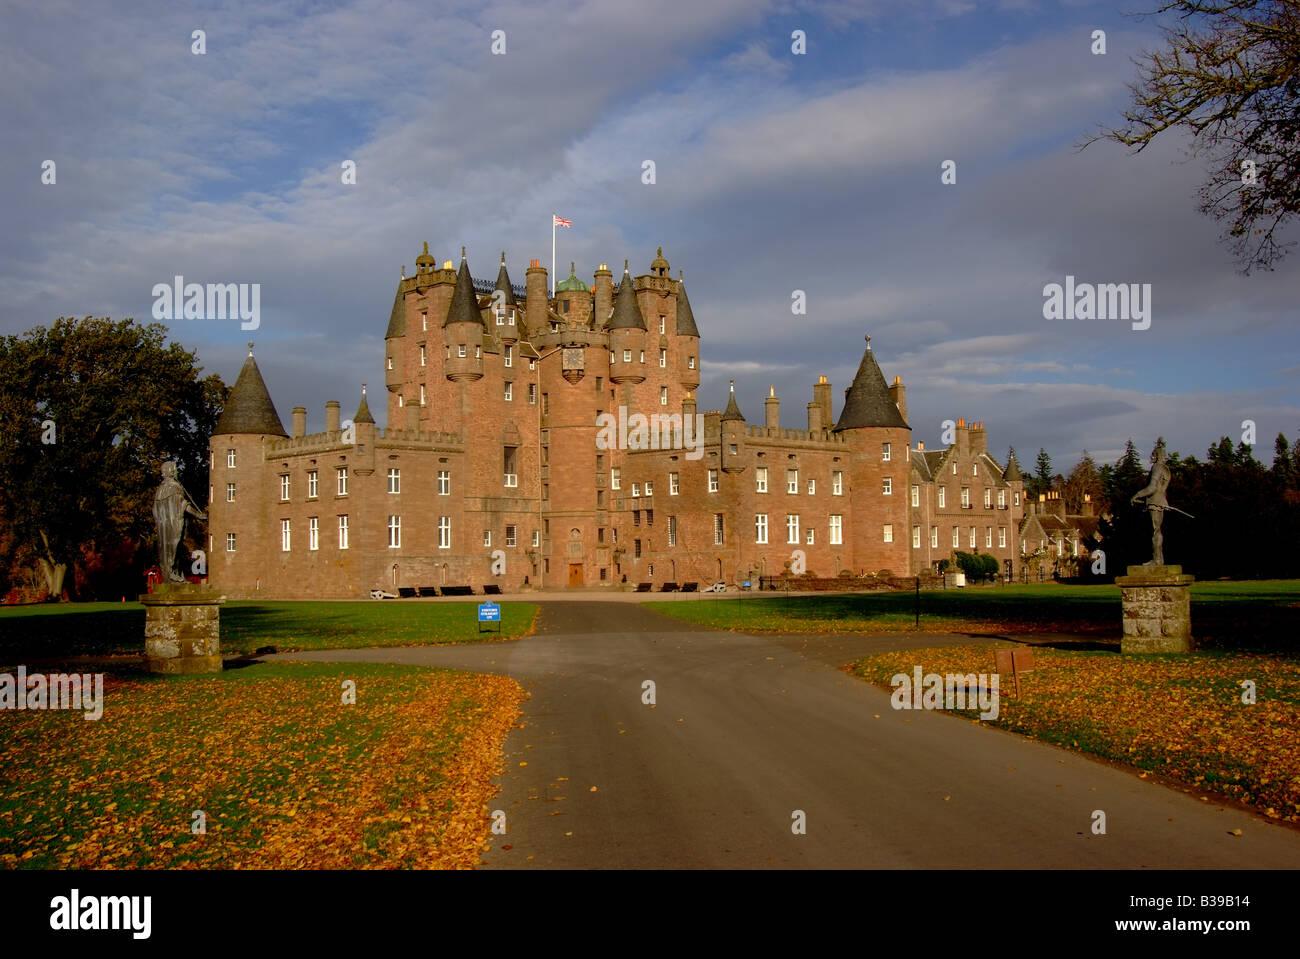 uk scotland tayside angus glamis castle - Stock Image